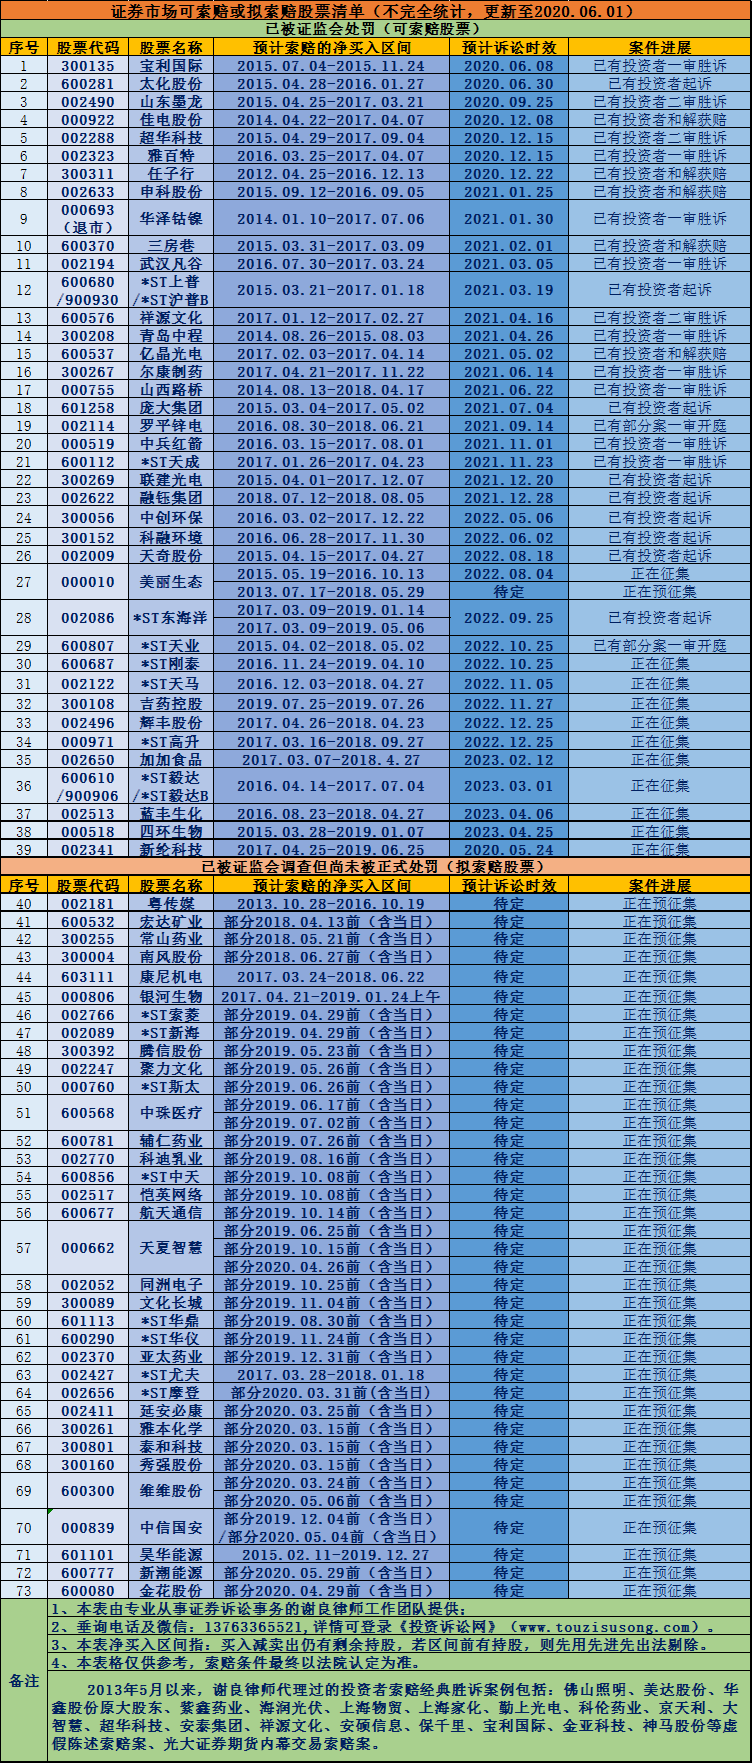 发平台股票一览表-有联系方式(更新时间:20200601)